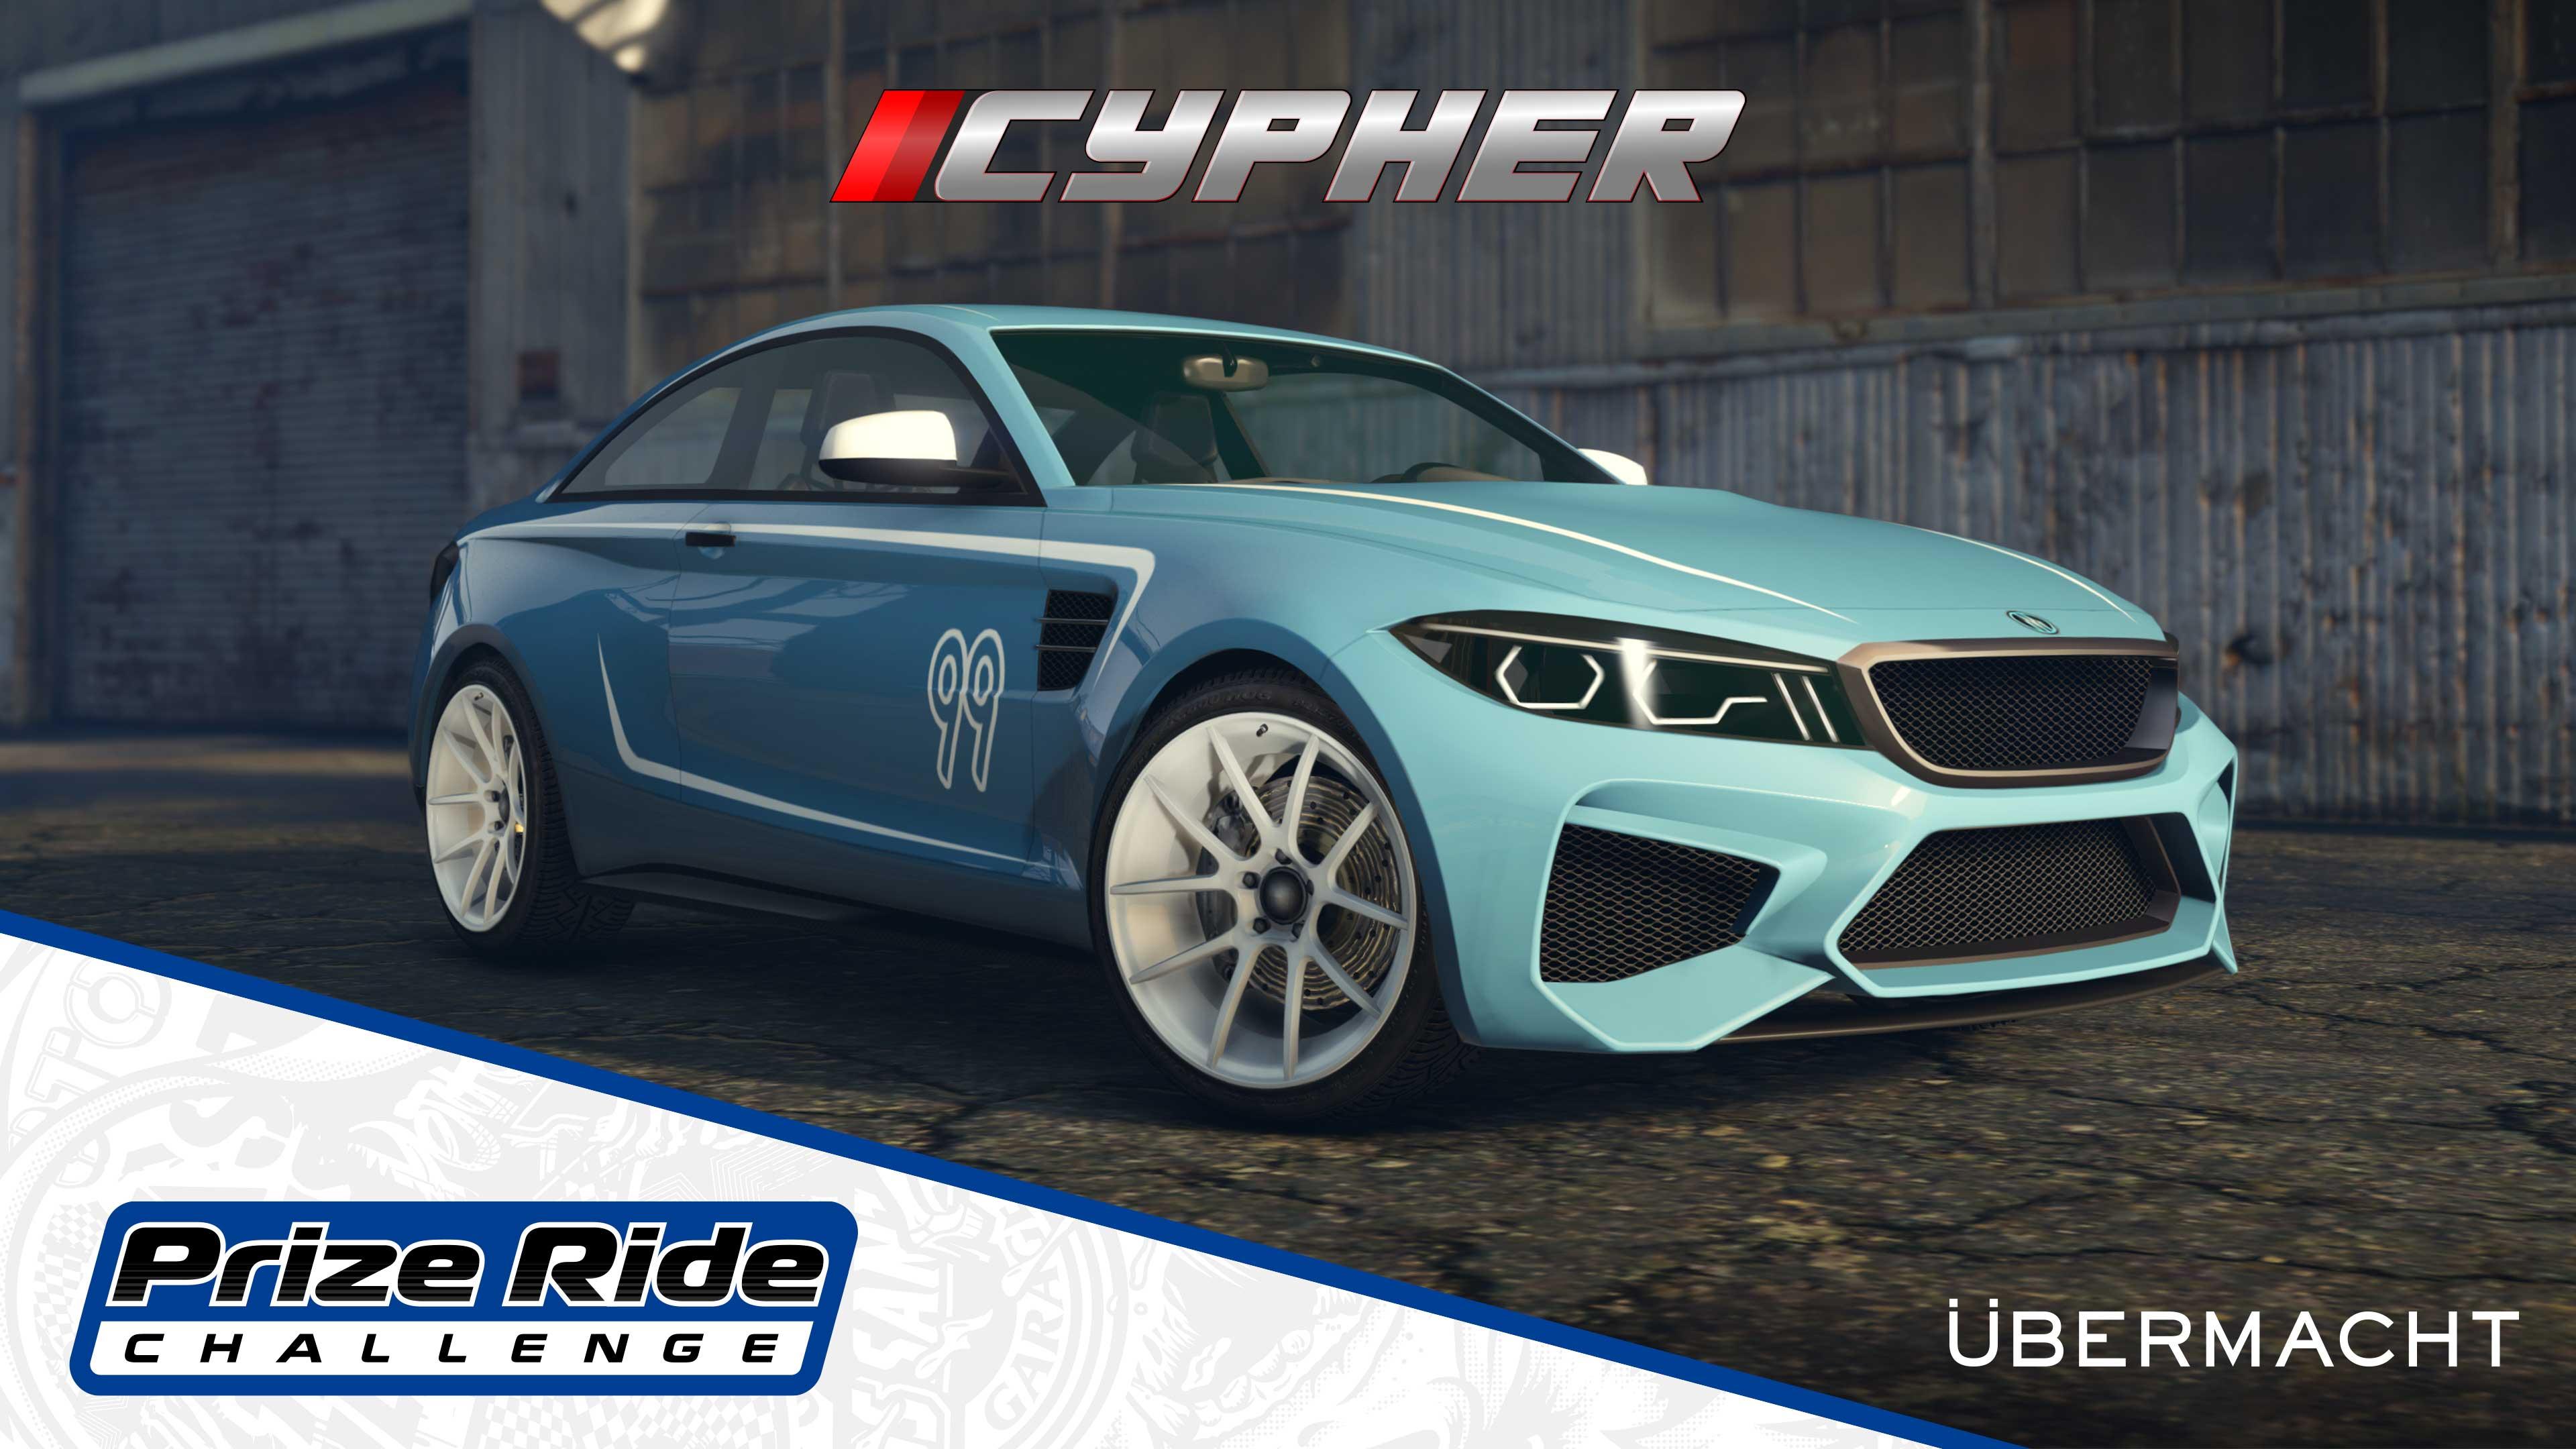 GTA Online Los Santos Tuners Prize Ride: Übermacht Cypher